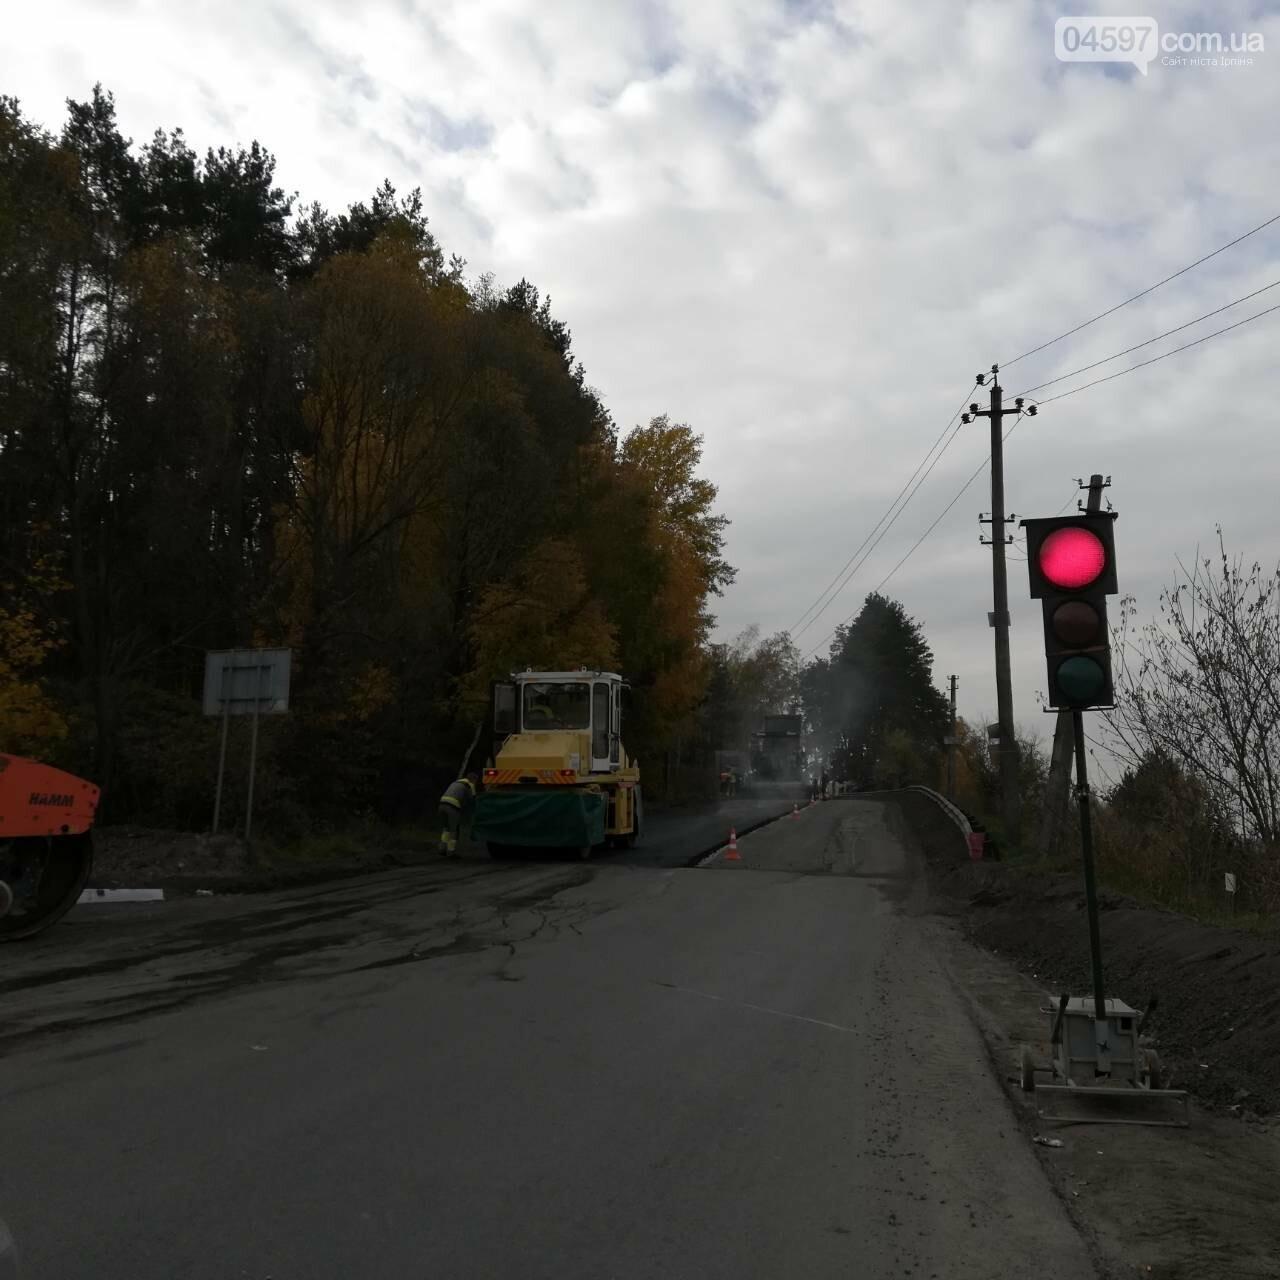 Увага водії! З Ірпеня на Рубежівку - ремонт дороги, фото-1